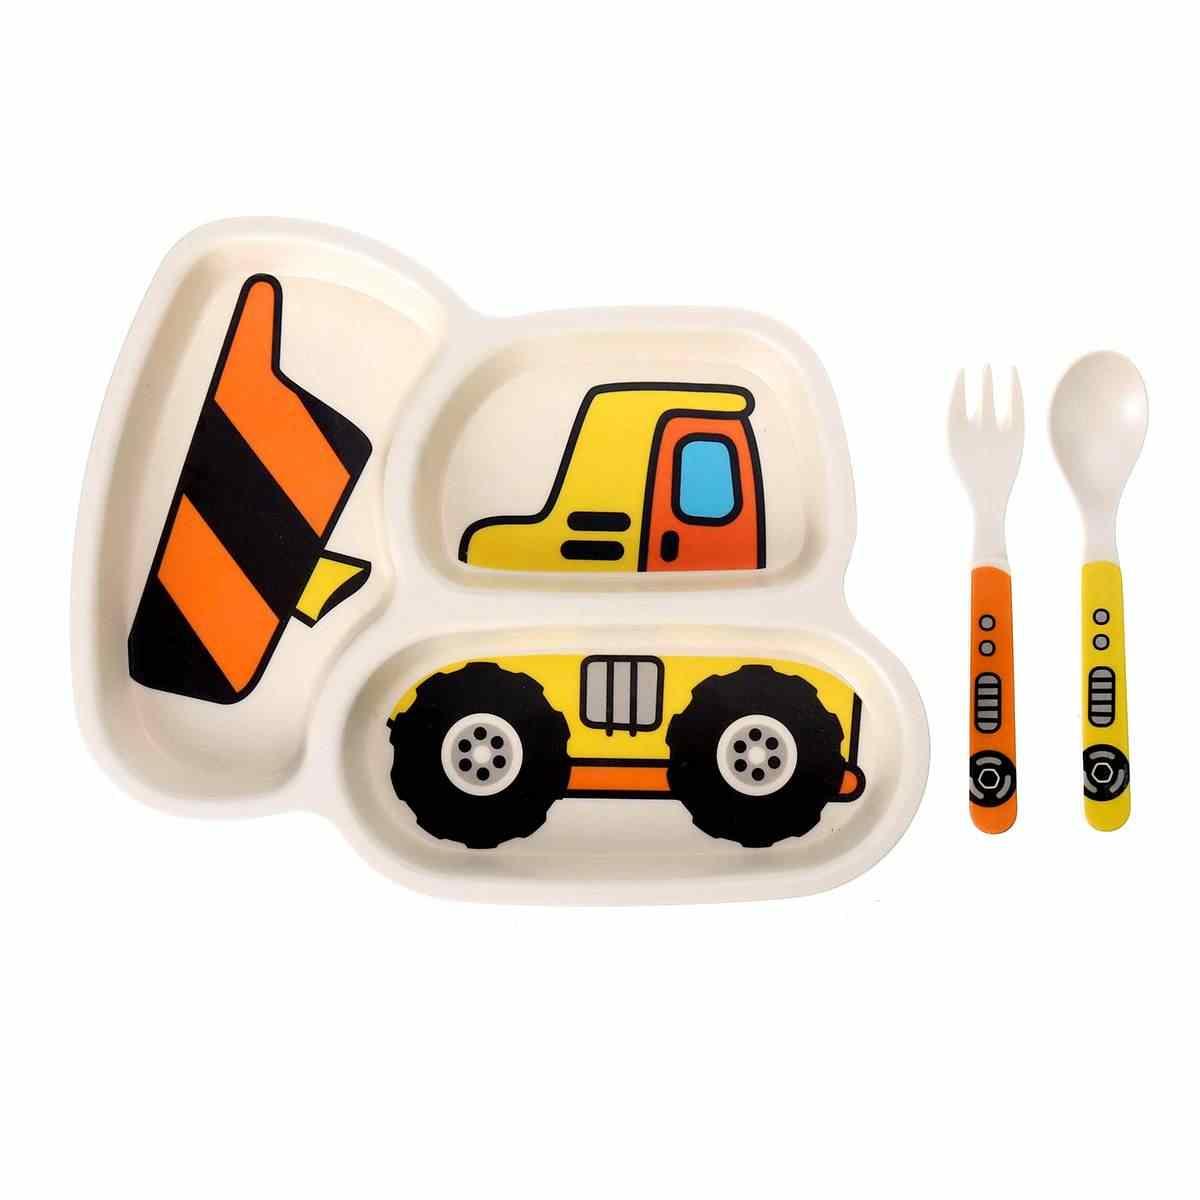 3 ชิ้น/เซ็ต Baby Feeding ชามจานช้อนส้อมการ์ตูนรถเด็กไม้ไผ่เส้นใยการ์ตูนแยกแผ่นให้อาหาร